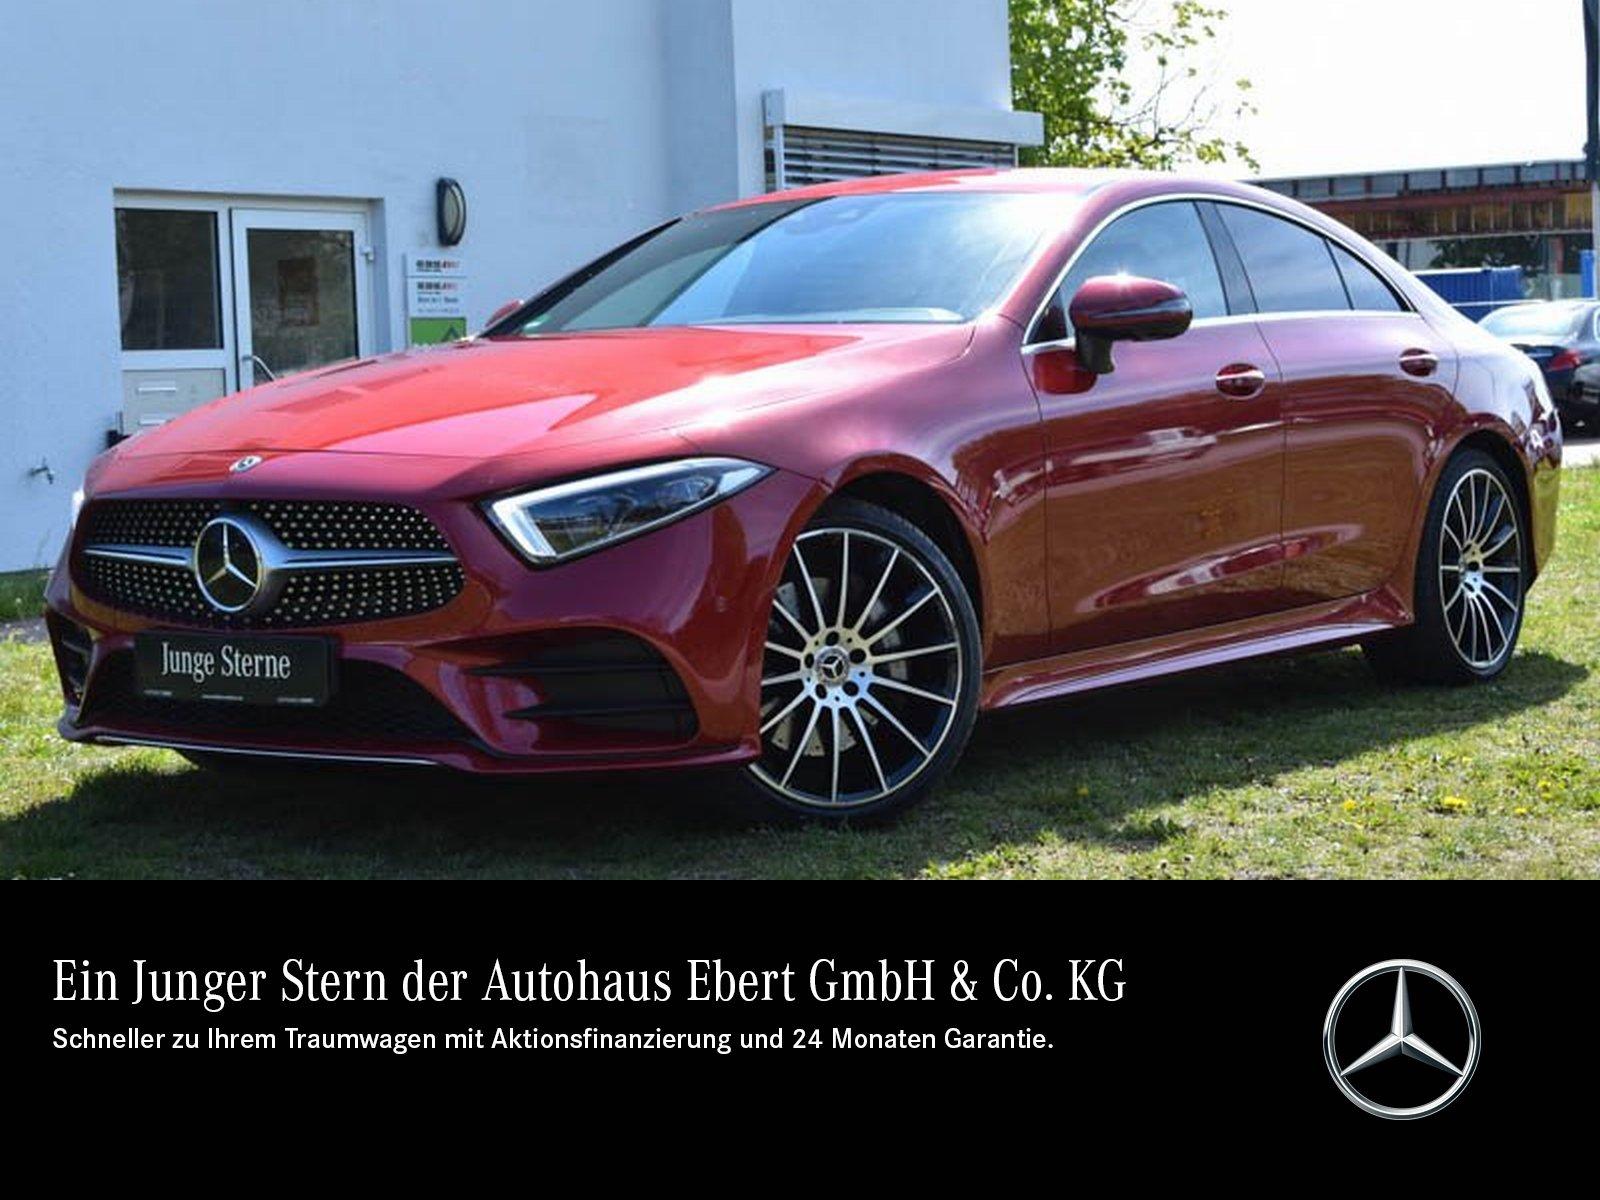 Mercedes-Benz CLS 450 4M AMG WIDESC.+360°+MULTIBEAM+MEMORY, Jahr 2018, Benzin